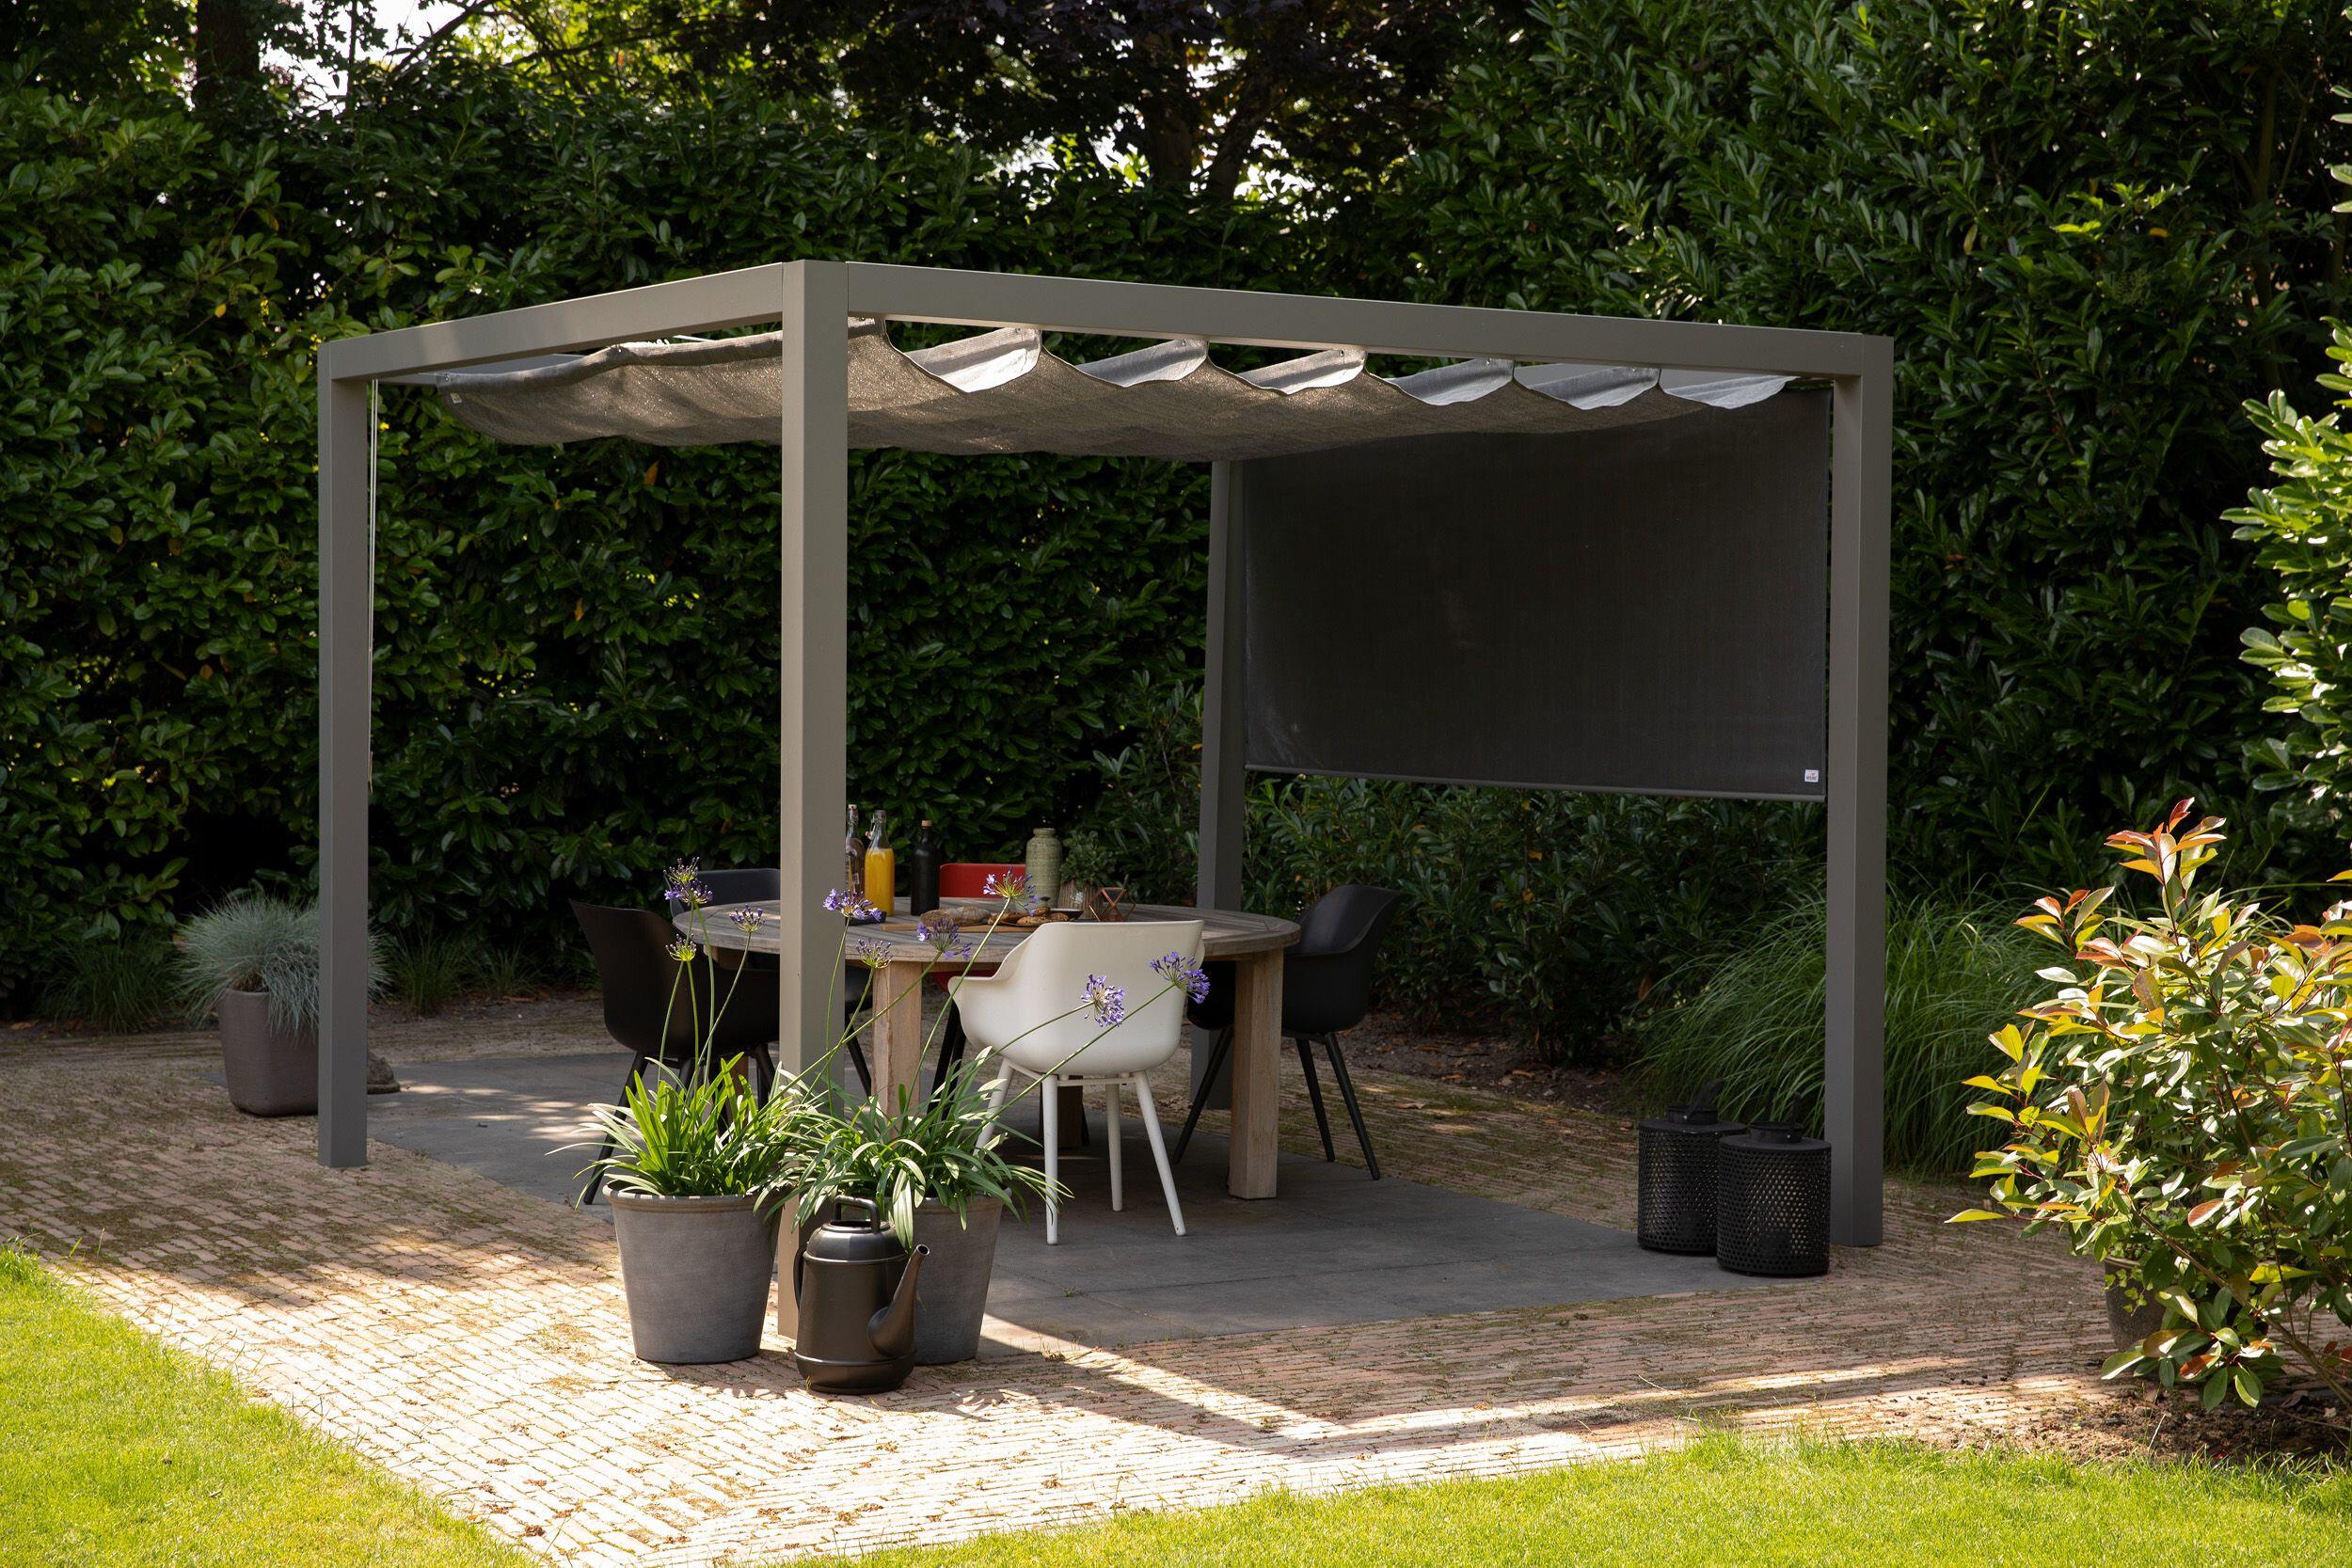 Pergola aluminium grijs 'Stand Alone' (3.19 x 3.19 meter)